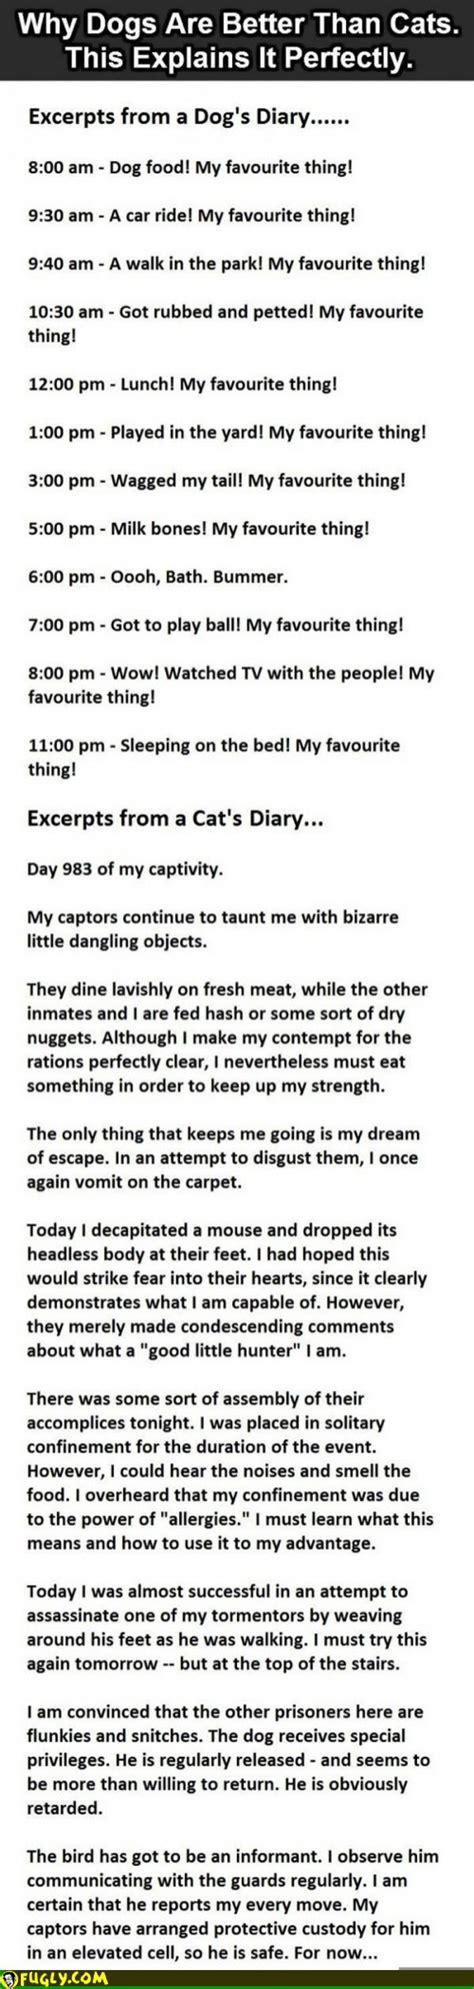 vs cat diary cat diary vs diary